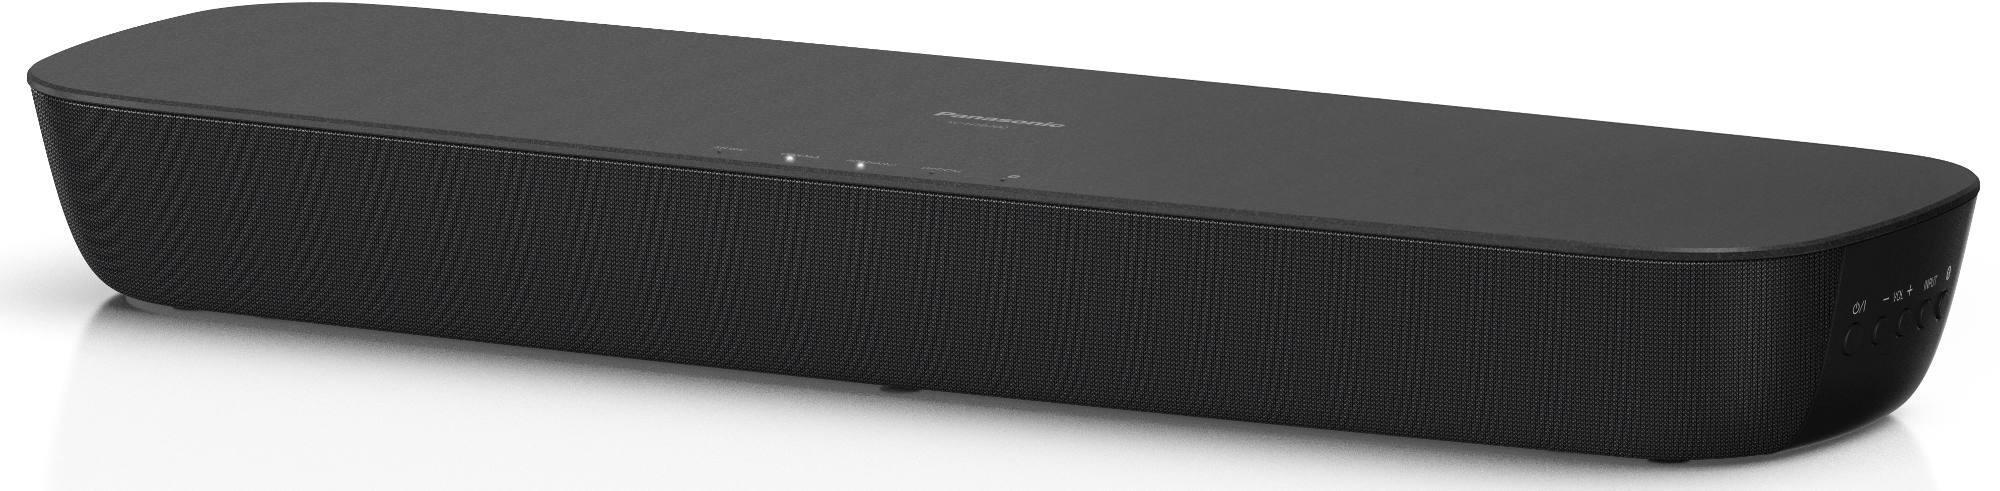 Panasonic SC-HTB200EGK Con cavo e senza cavo 2.0canali 80W Nero altoparlante soundbar